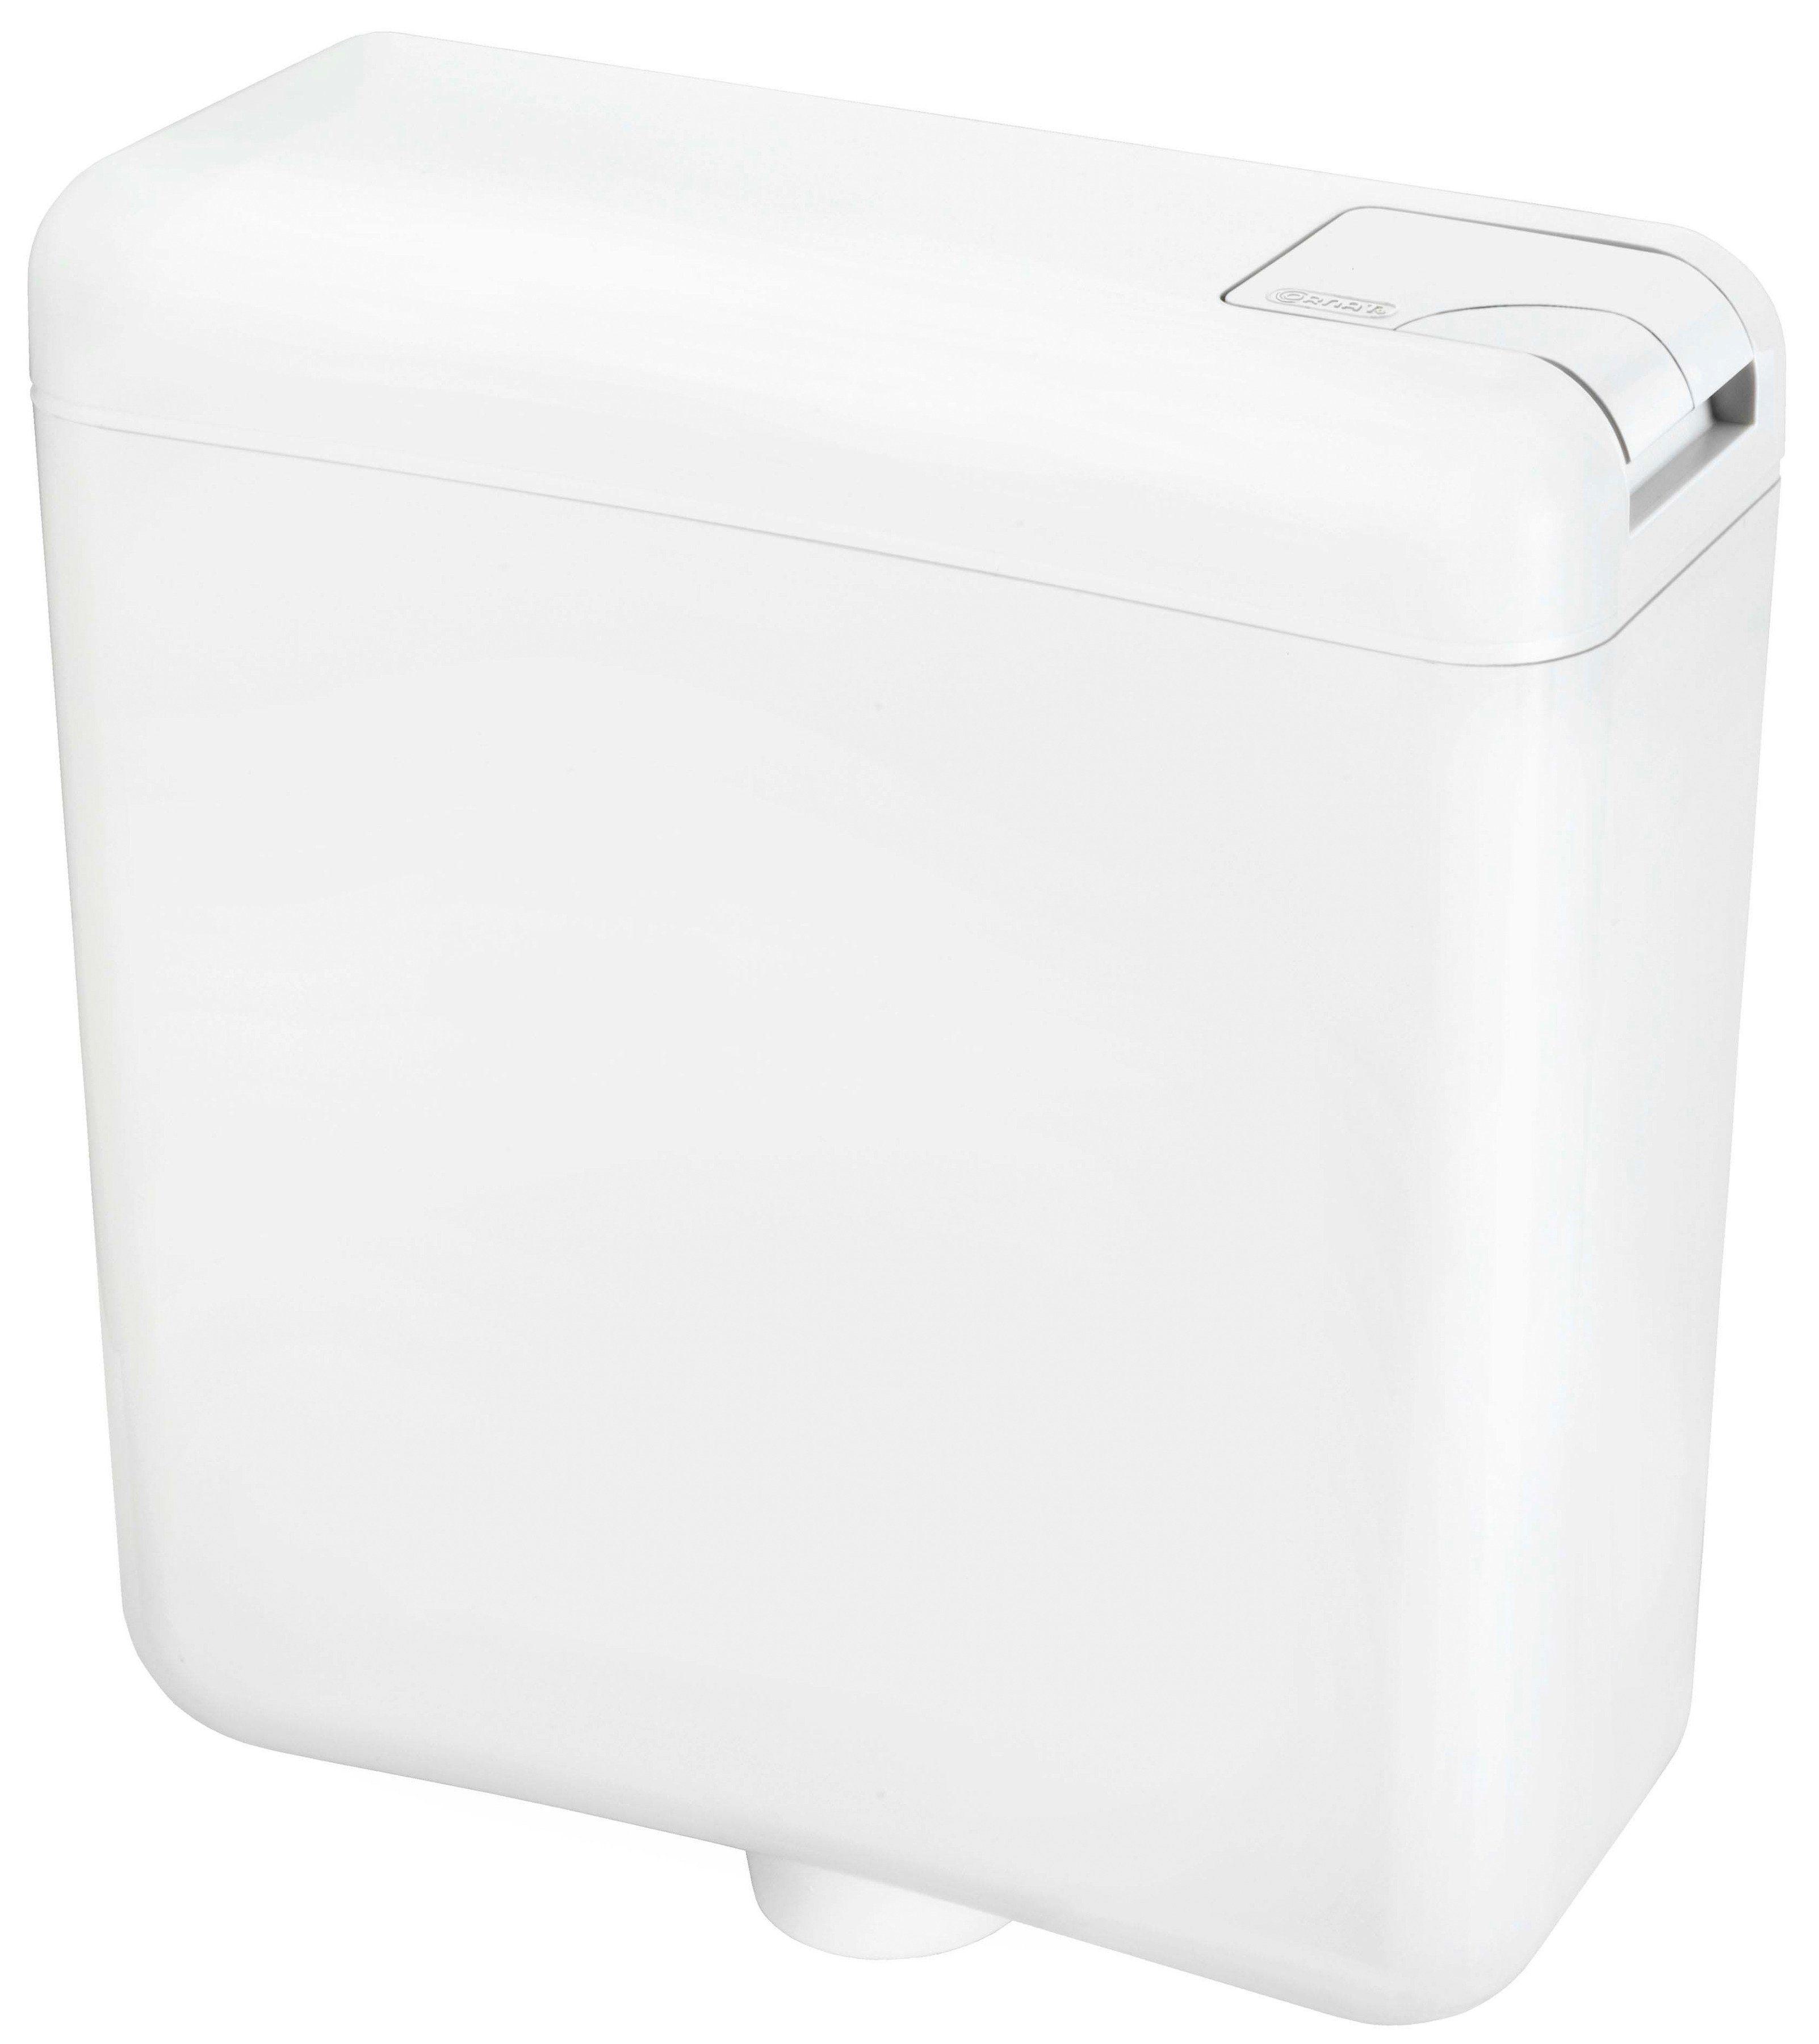 Cornat WC-Spülkasten, weiß